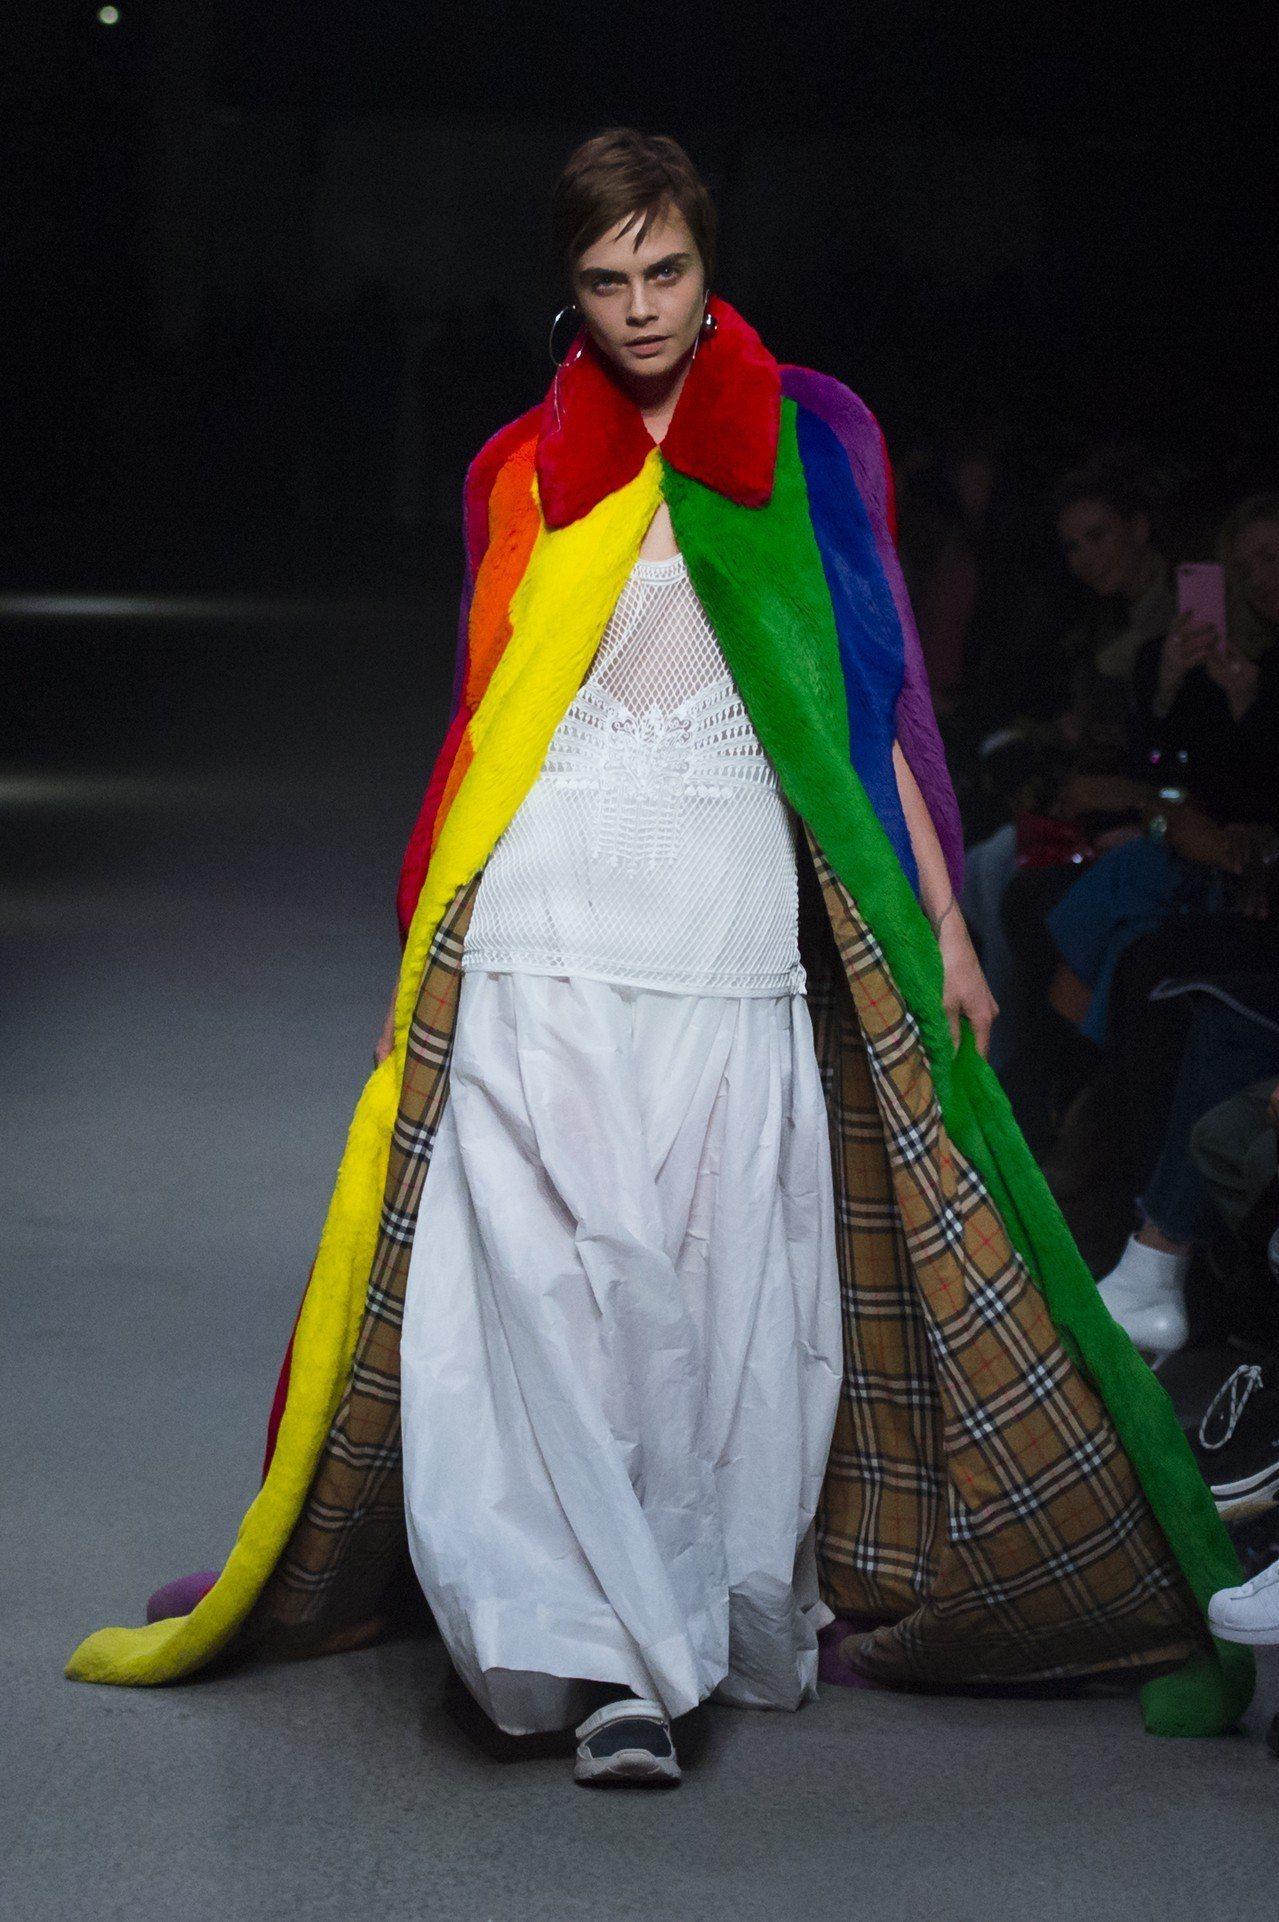 卡拉迪樂芬妮去年在倫敦時裝周壓軸走秀穿彩虹人造皮草披肩。圖/BURBERRY提供